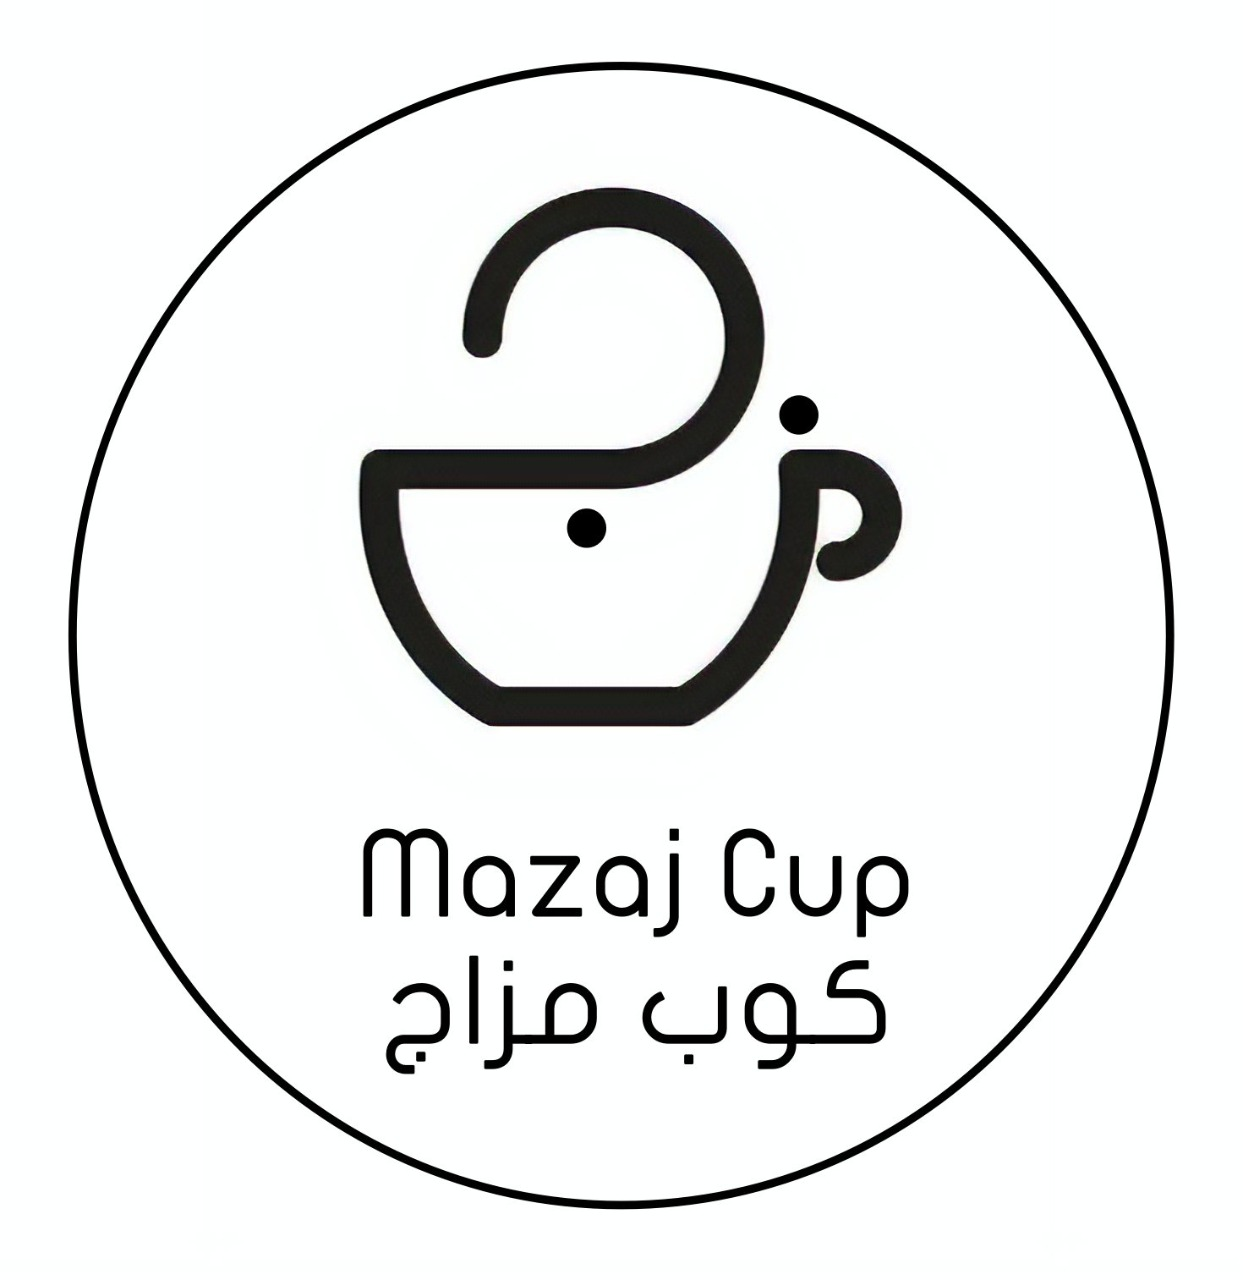 كوب مزاج Mezaj Cup